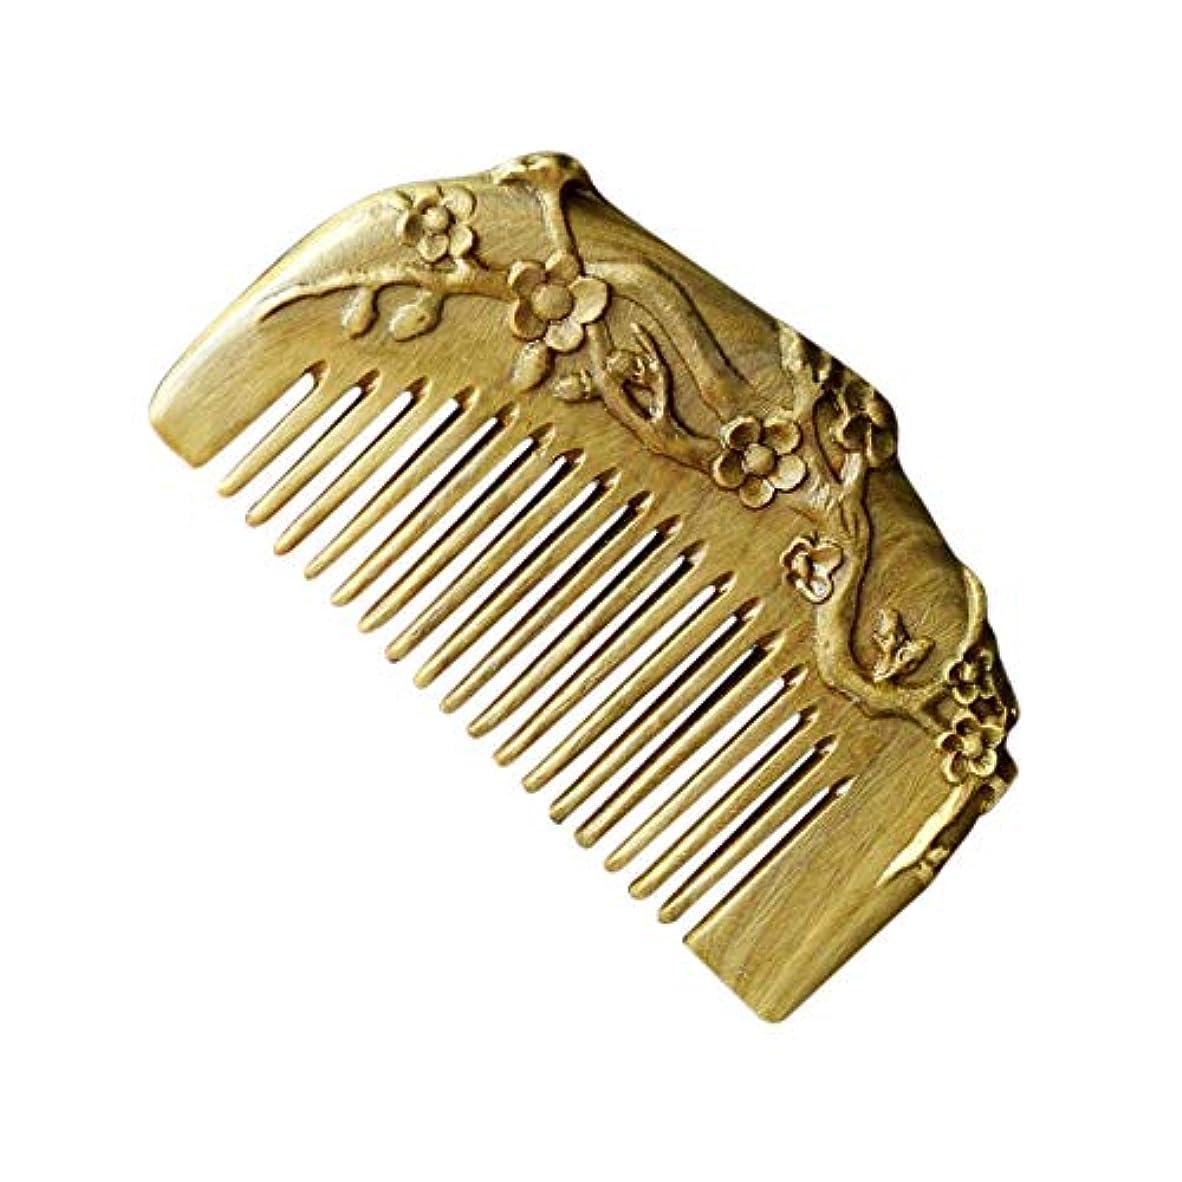 取り出す単語耳WASAIO ヘアブラシ帯電防止緑白檀櫛中国スタイル小さな櫛梅彫刻櫛